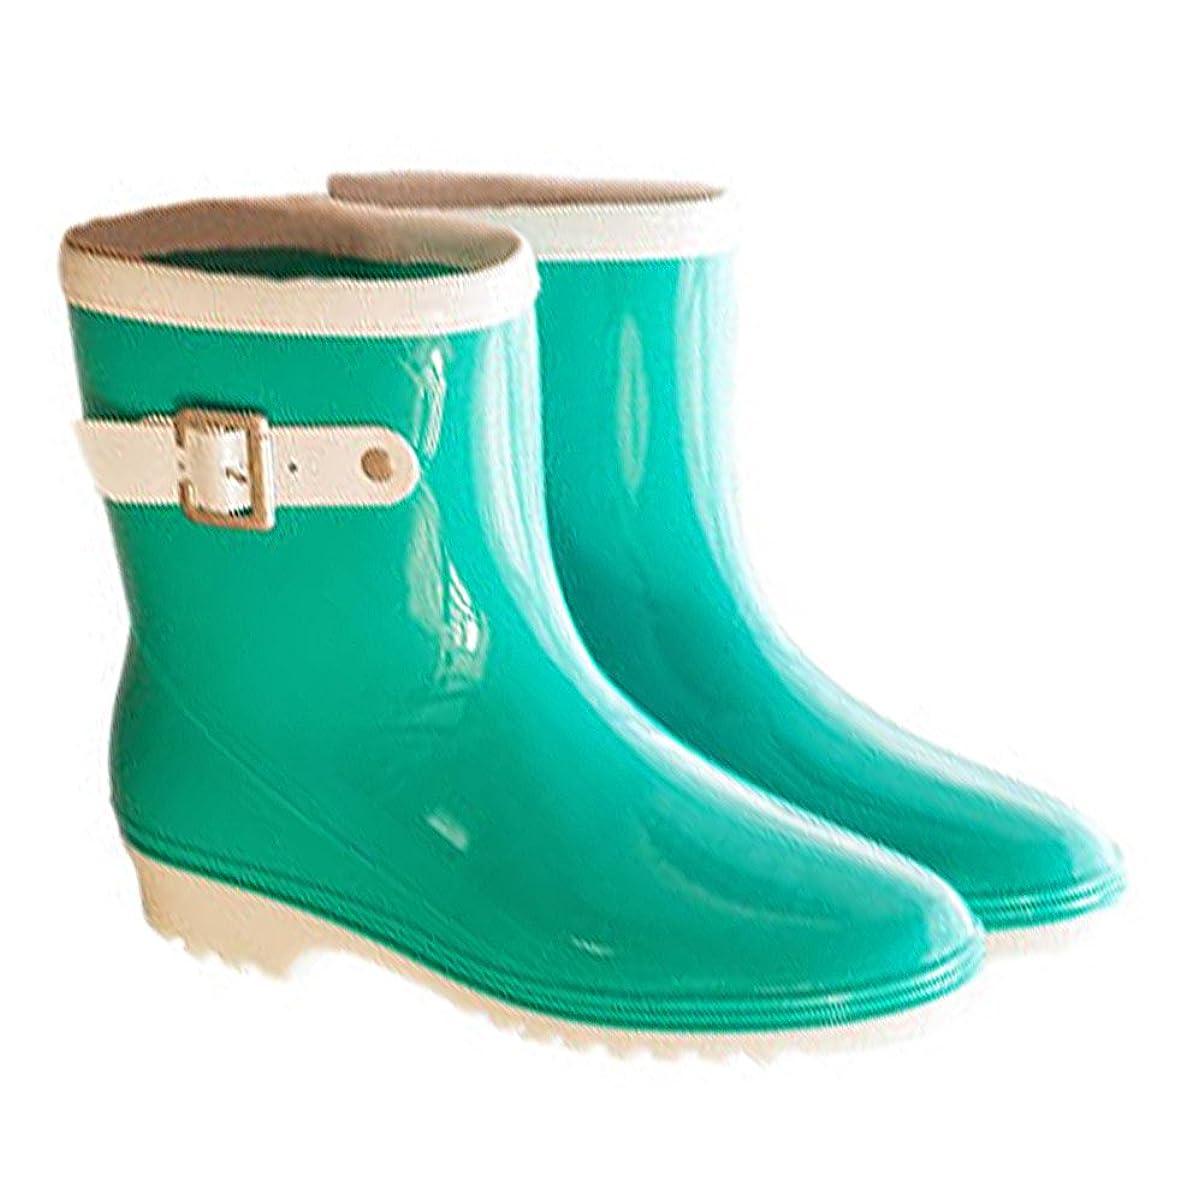 静かに大いに踊り子[ファッション メーカ] F&M レインブーツ レディース おしゃれ 長靴 レインシューズ 雨靴 防水 カジュアル 滑りにくい 可愛い シンプル ベルド ショット